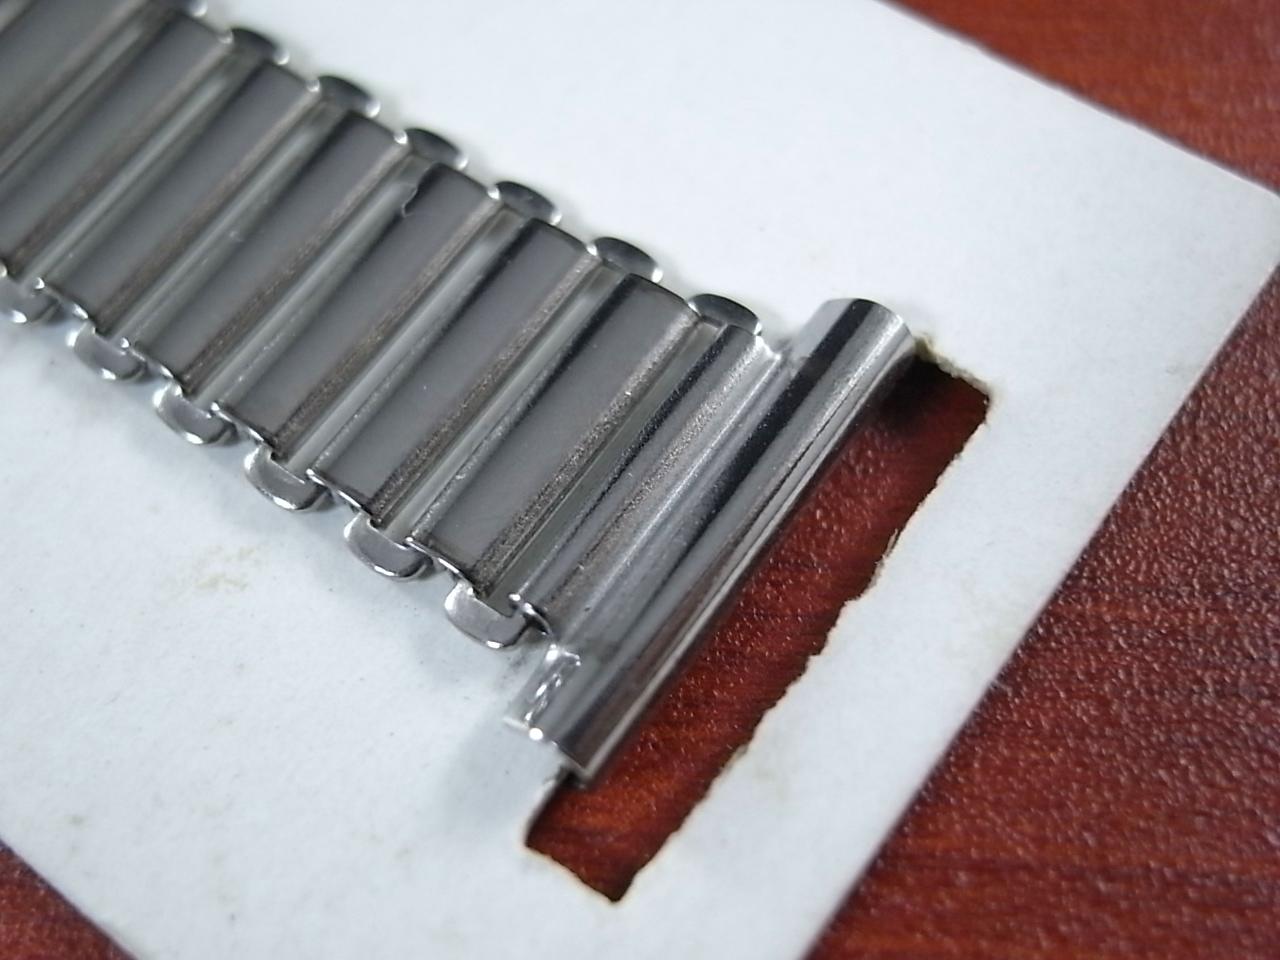 ボンクリップ バンブーブレス N.O.S. 13mmタイプ 16mm BONKLIPの写真4枚目